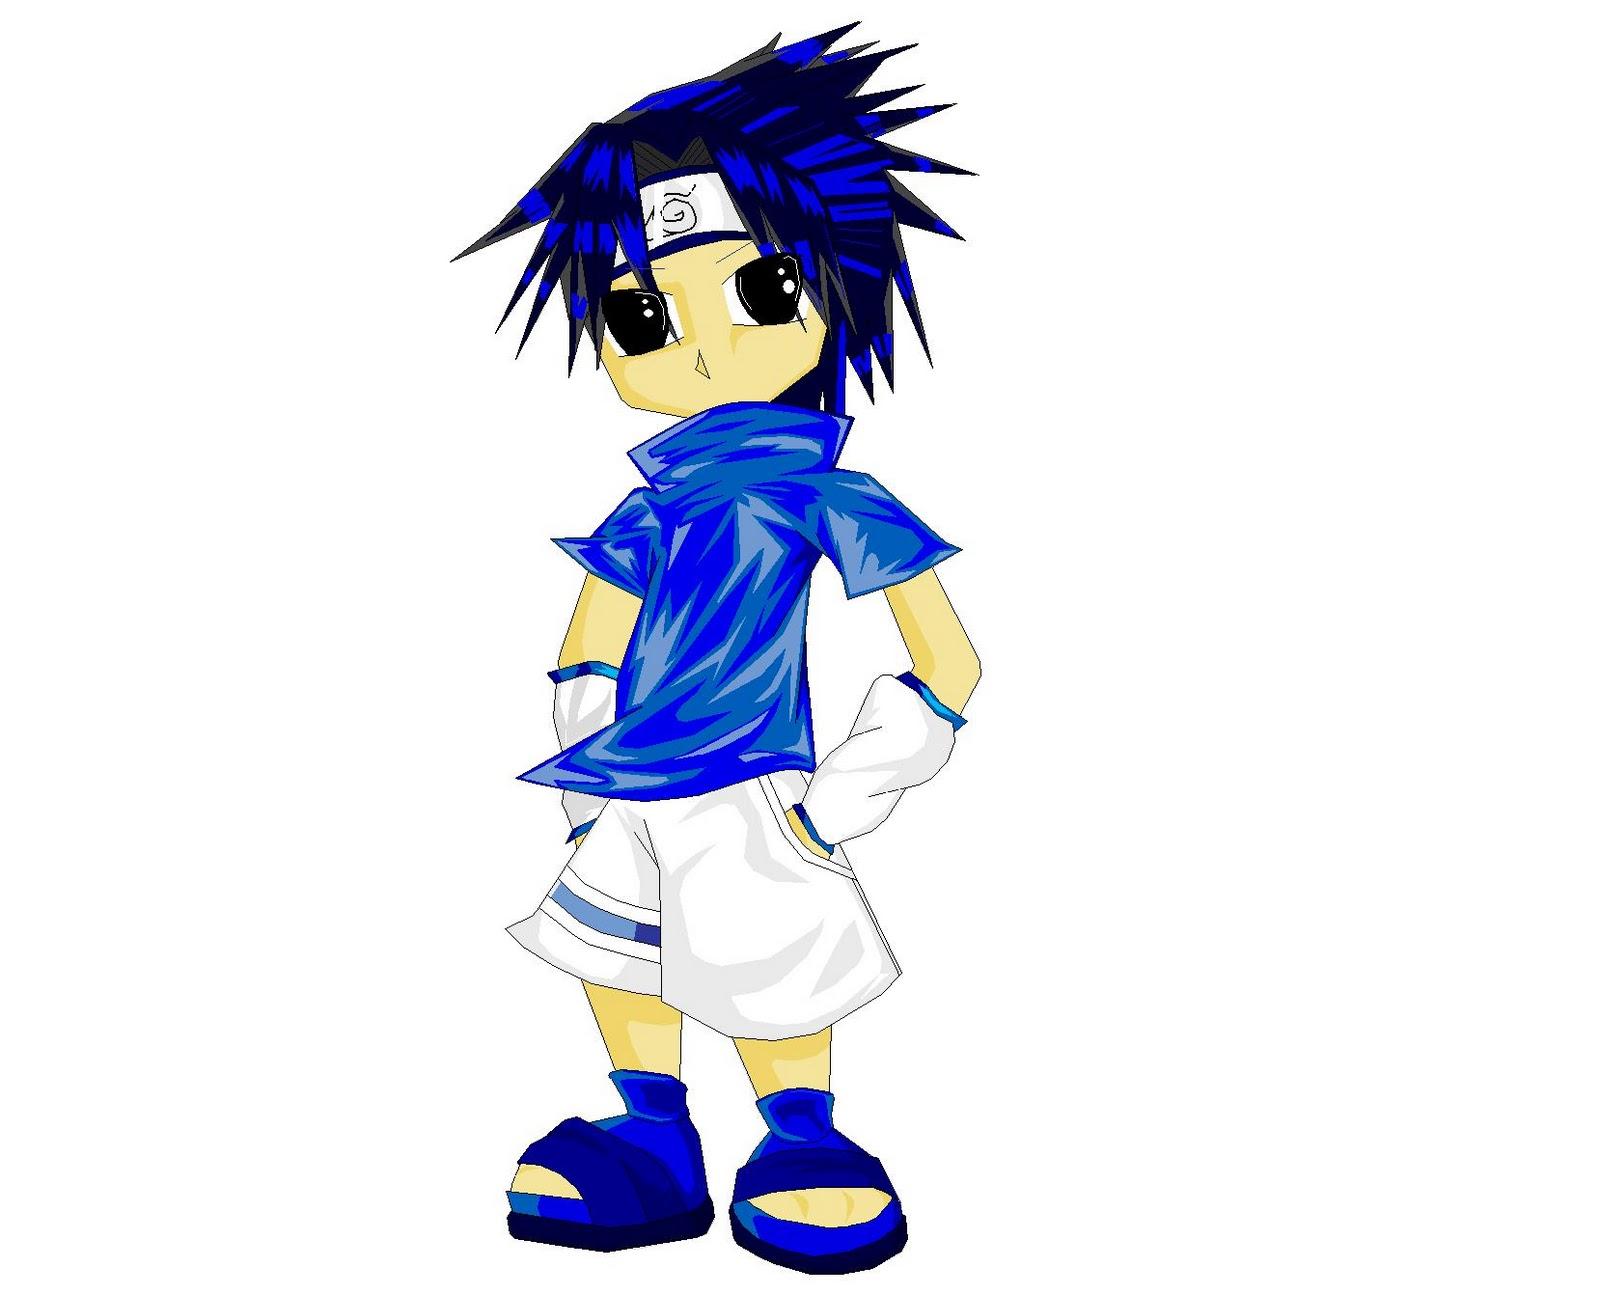 http://1.bp.blogspot.com/_dn-67_RpezQ/TN7zN2FG9oI/AAAAAAAAAAM/iDf1sL-qRJU/s1600/sasuke.jpg